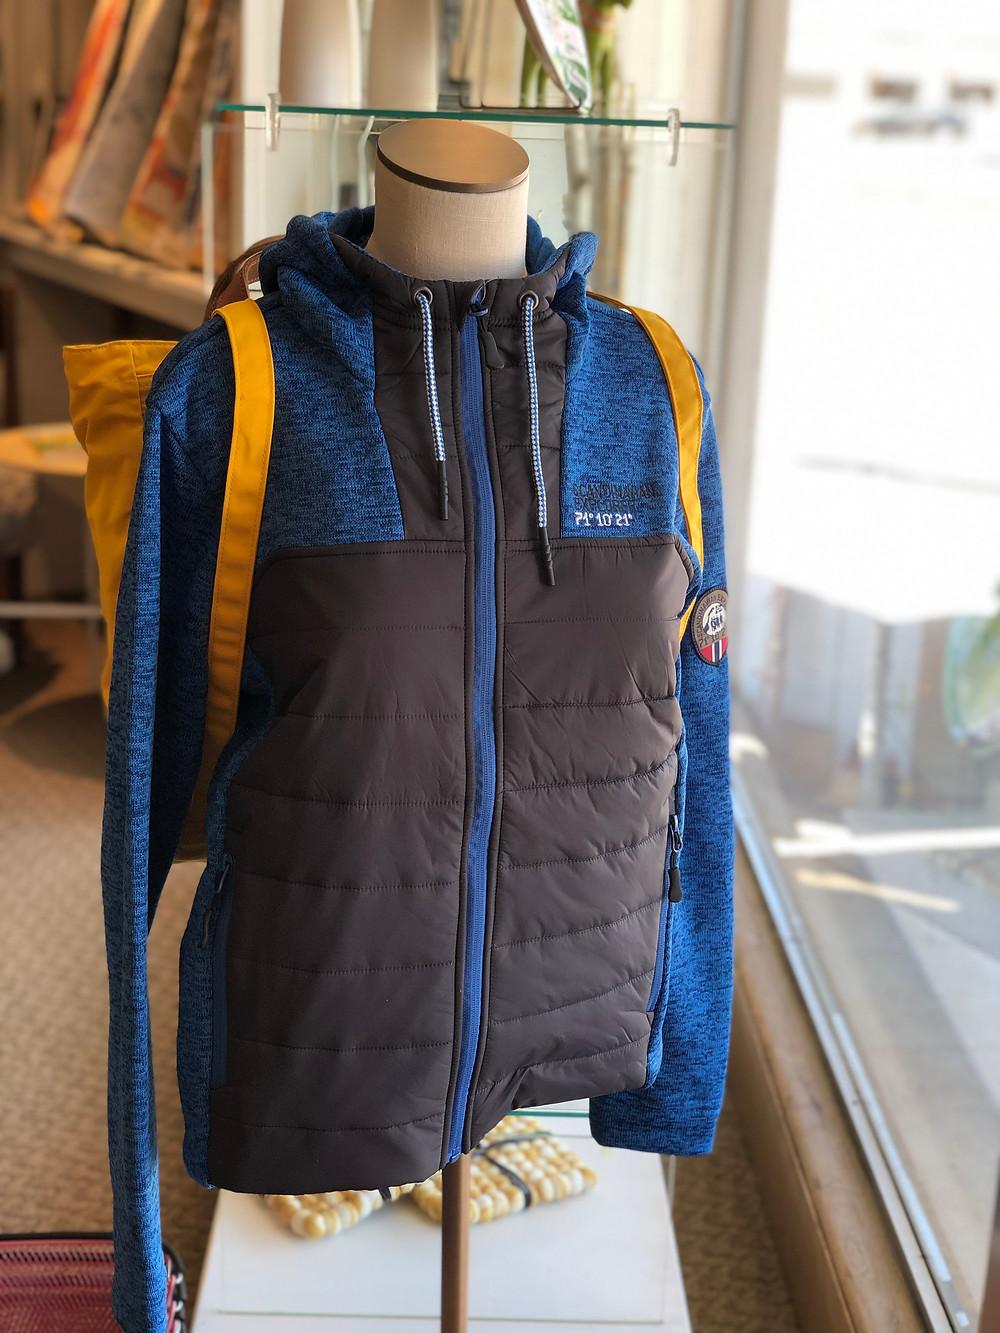 Scandinavian Explorer Combi Jacket in navy blue